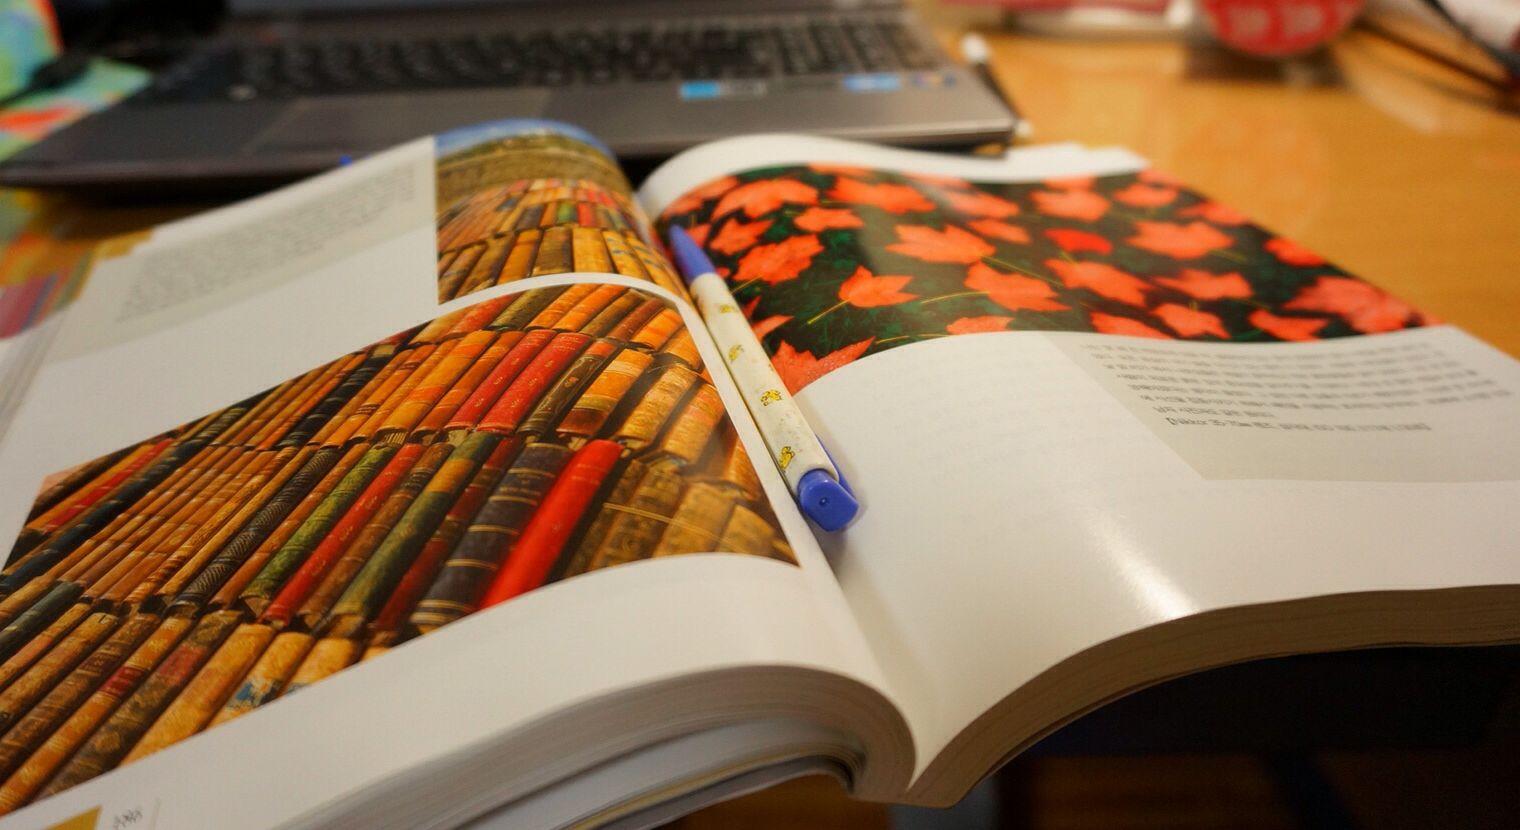 사진 패턴 공부중